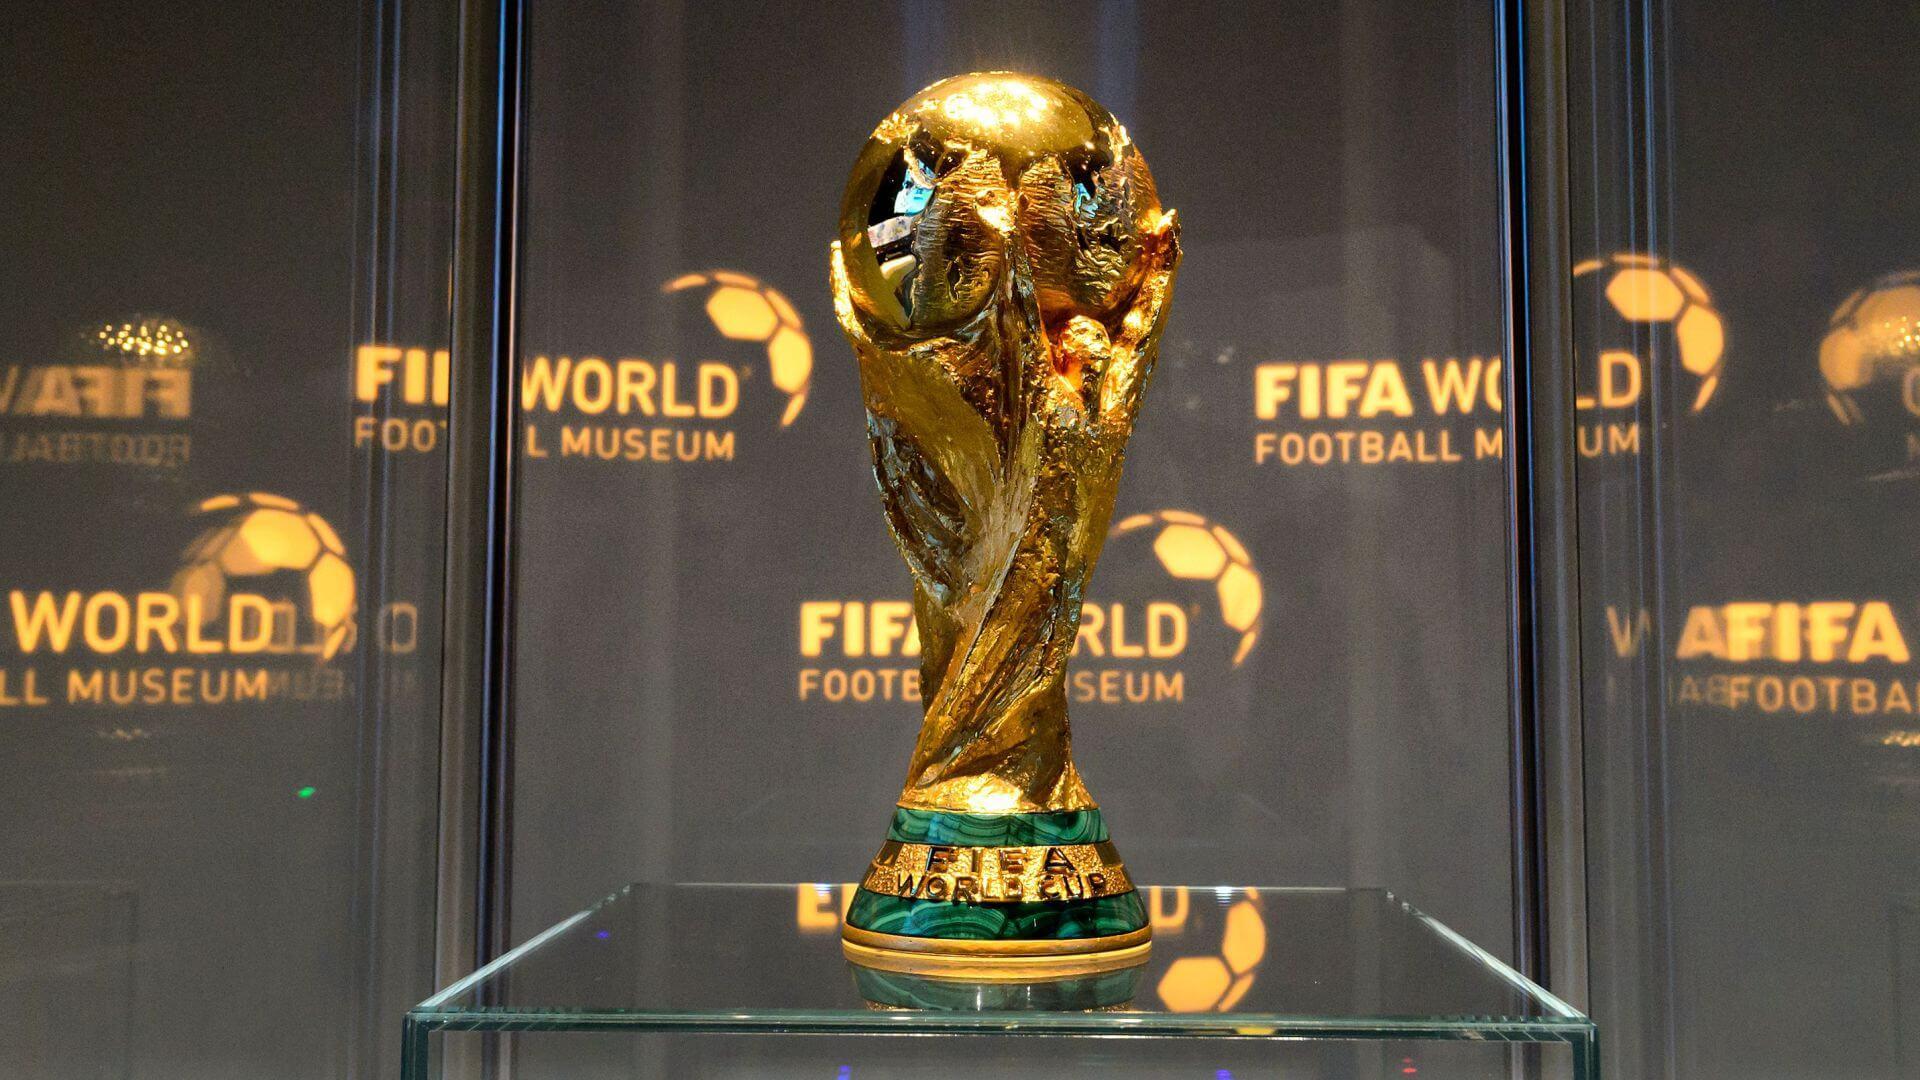 همه چیز درباره زمان و مکان بازی های مرحله مقدماتی جام جهانی فوتبال روسیه